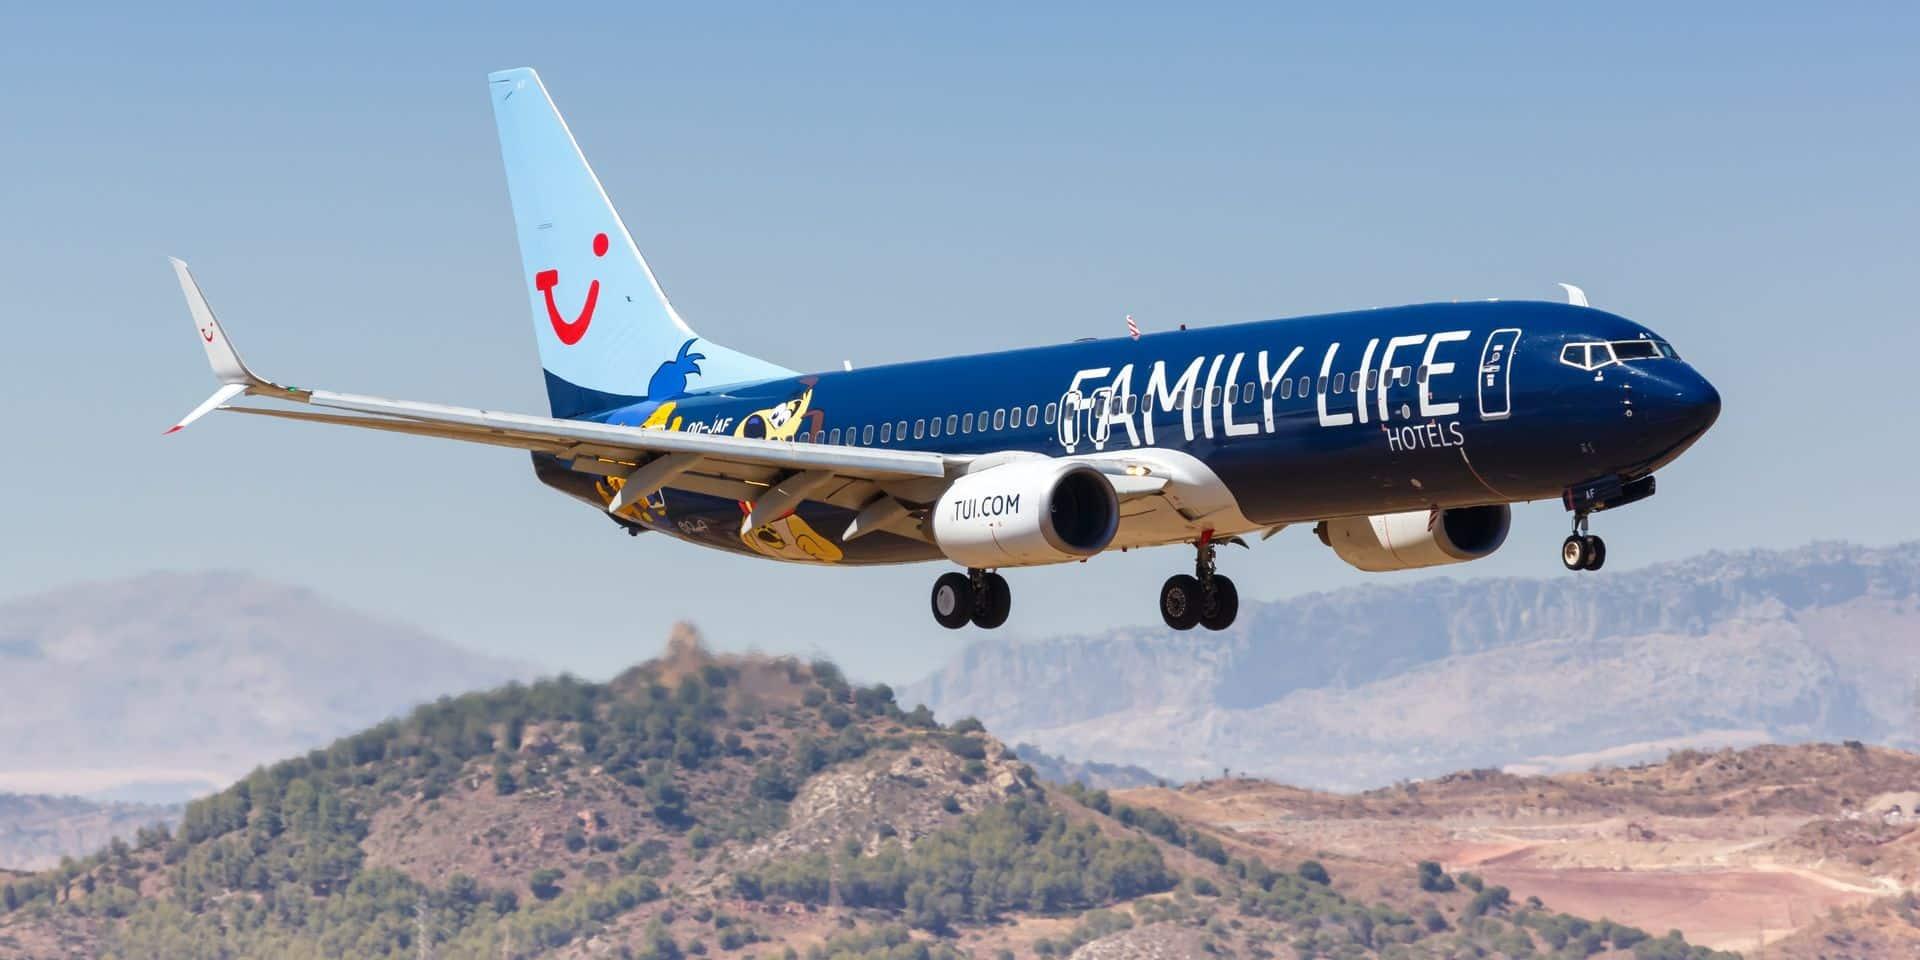 Après cinq mois d'arrêt, TUI fly reprend ses activités à l'aéroport de Liège